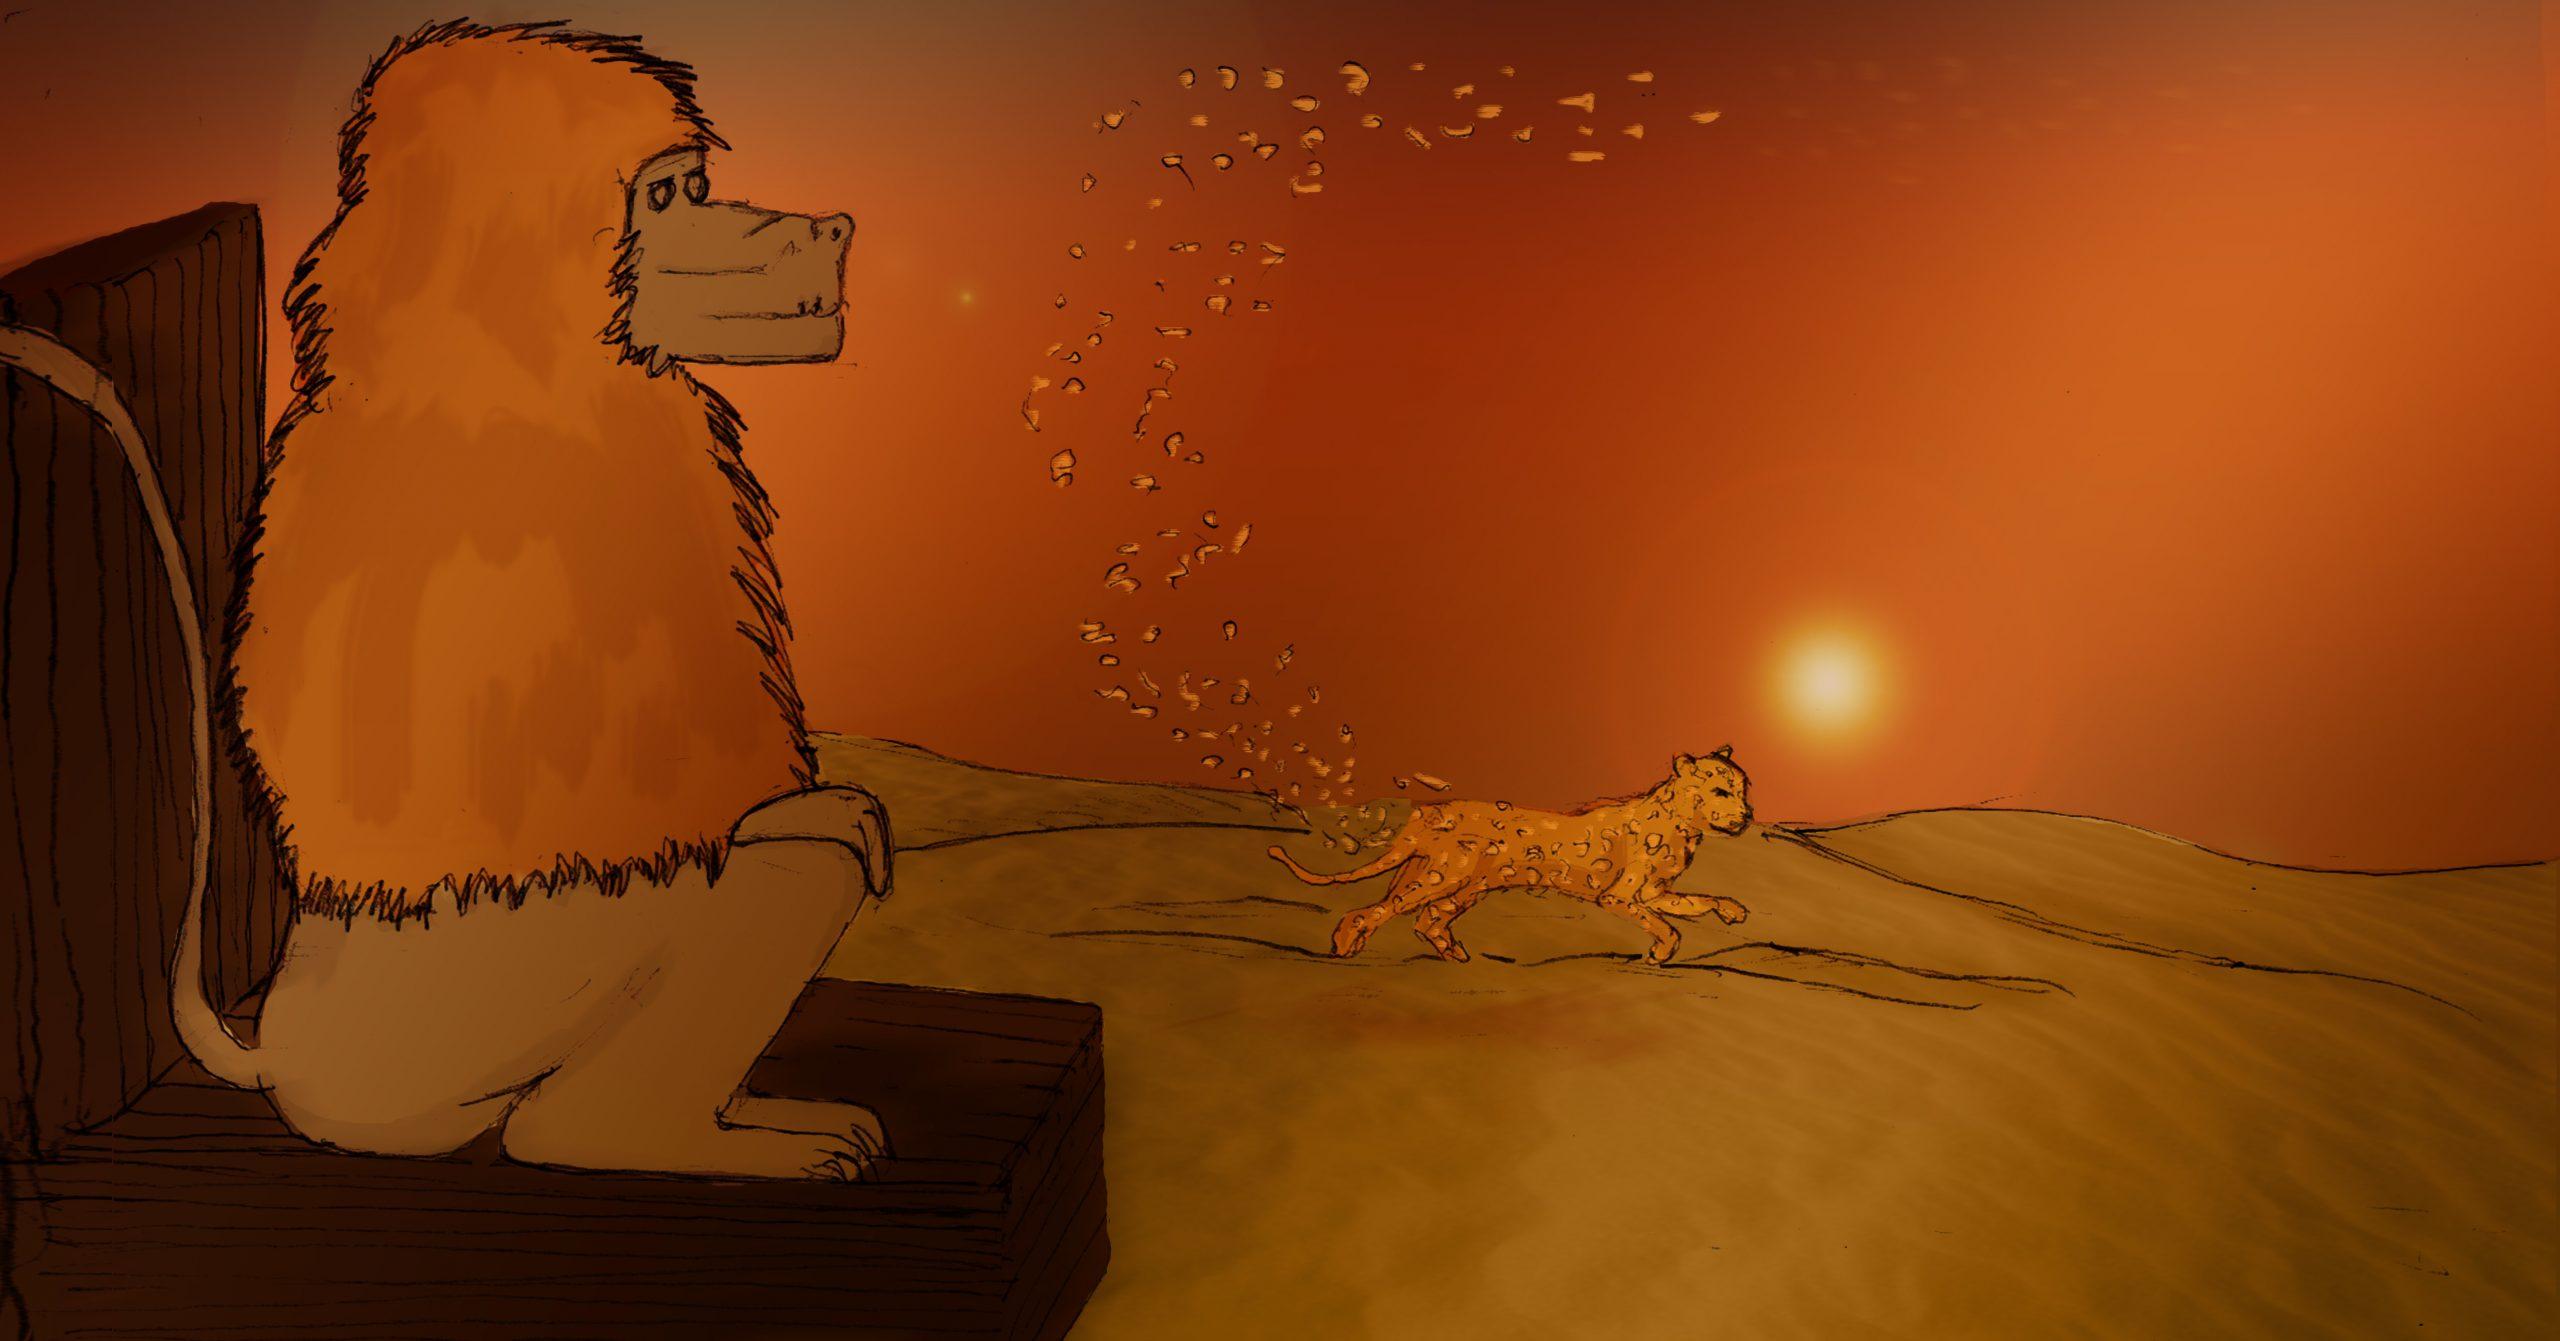 PROJET ESAT/ ILLUSTRATION  Réaliser deux illustrations : Technique libre.Nouvelle choisie: LE LÉOPARD ET SES TACHES  - DEUX DOUBLES PAGES : choisissez un passage de la nouvelle à illustrer.